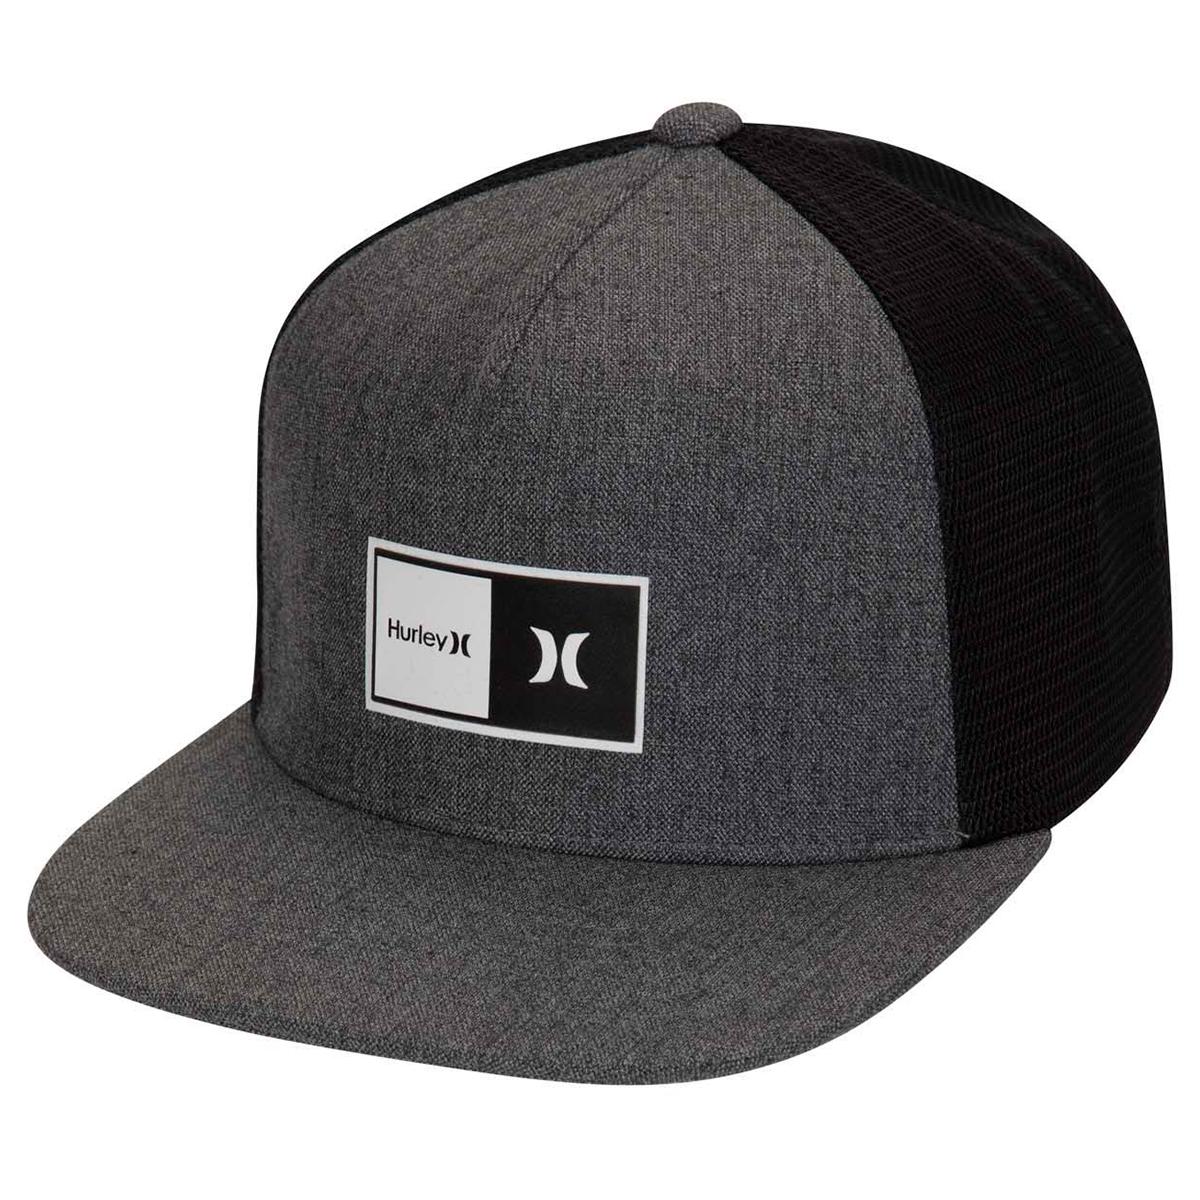 Hurley Men's Natural  2.0 Trucker Hat